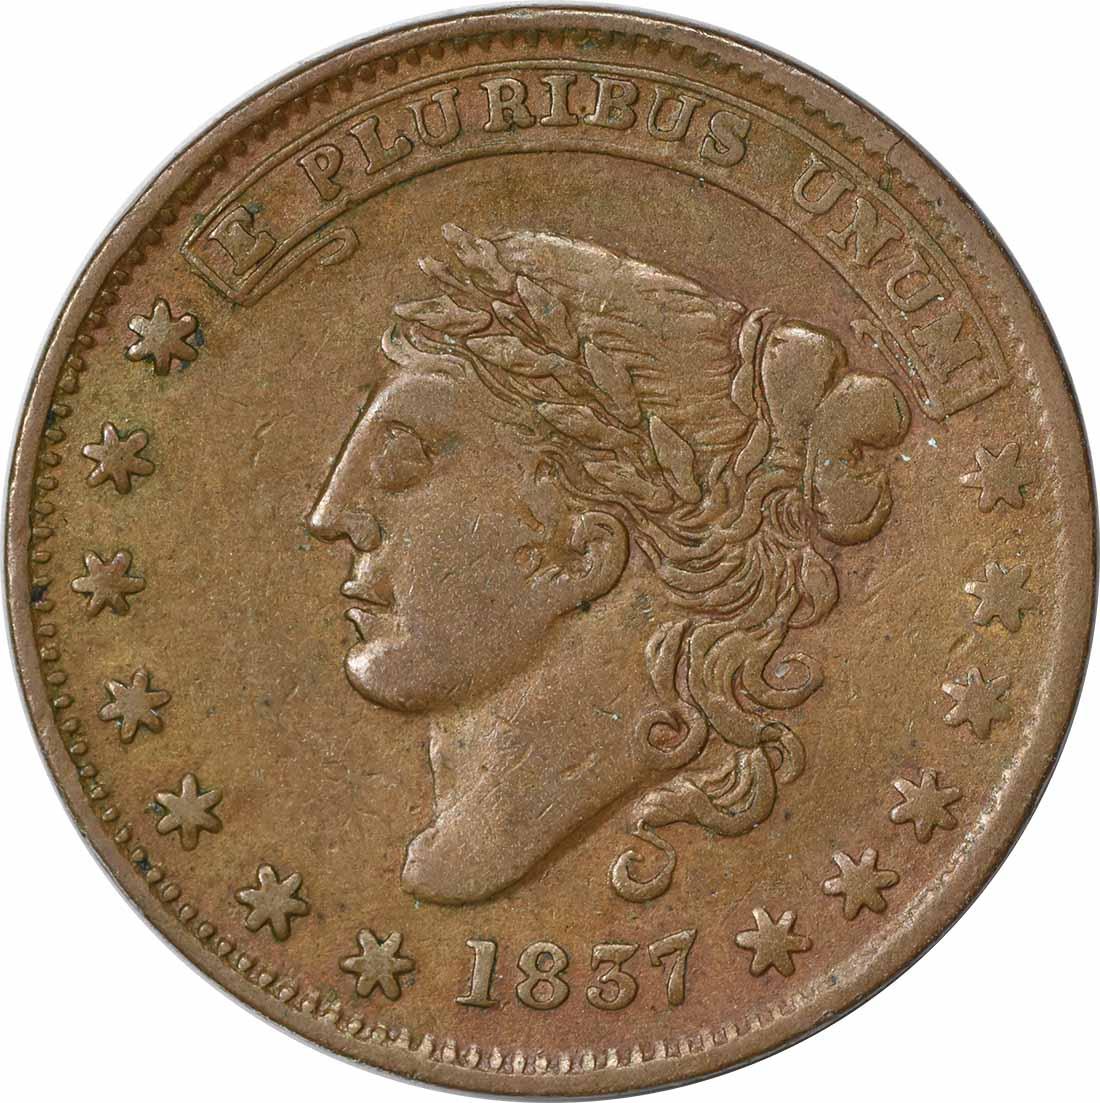 1837 Hard Times Token, L31, HT46, EF, Uncertified